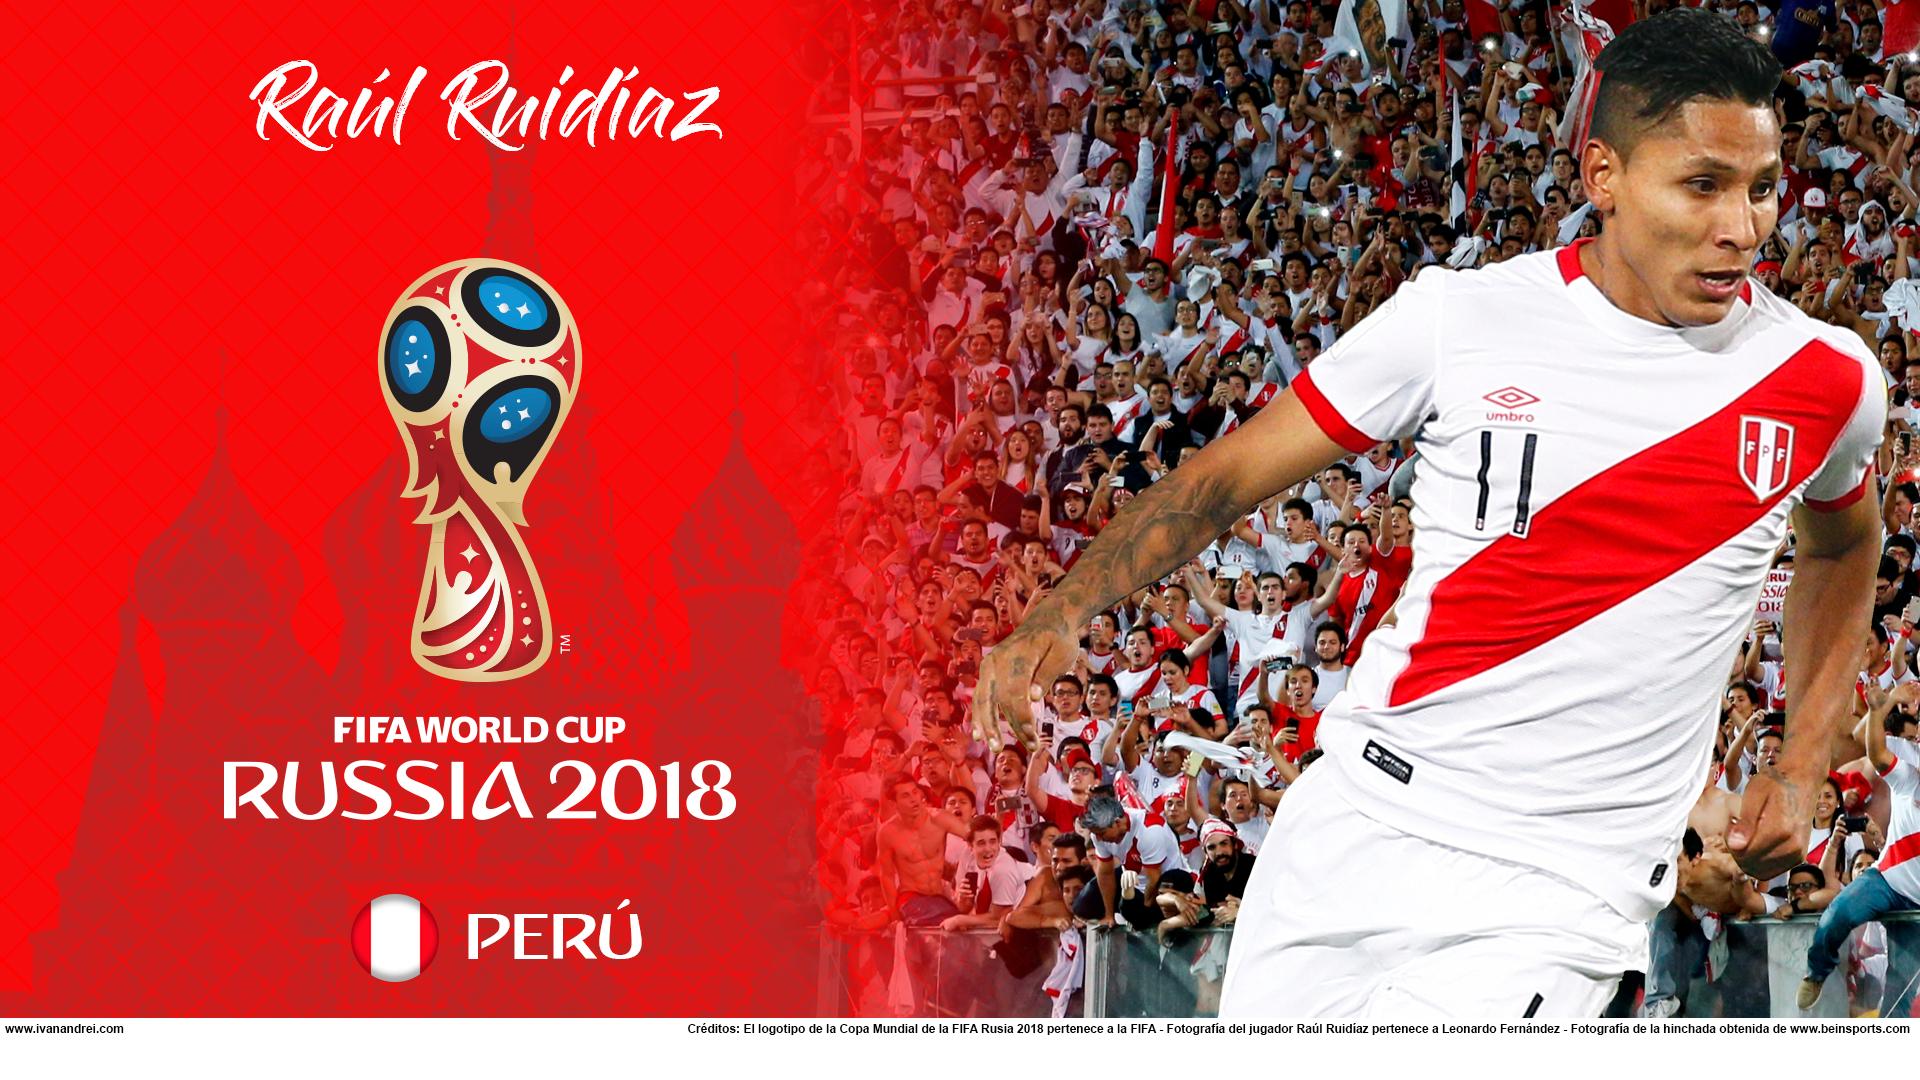 Wallpaper de Raúl Ruidíaz de Perú para la Copa Mundial de la FIFA - Rusia 2018 - Edición para PC (1920x1080)